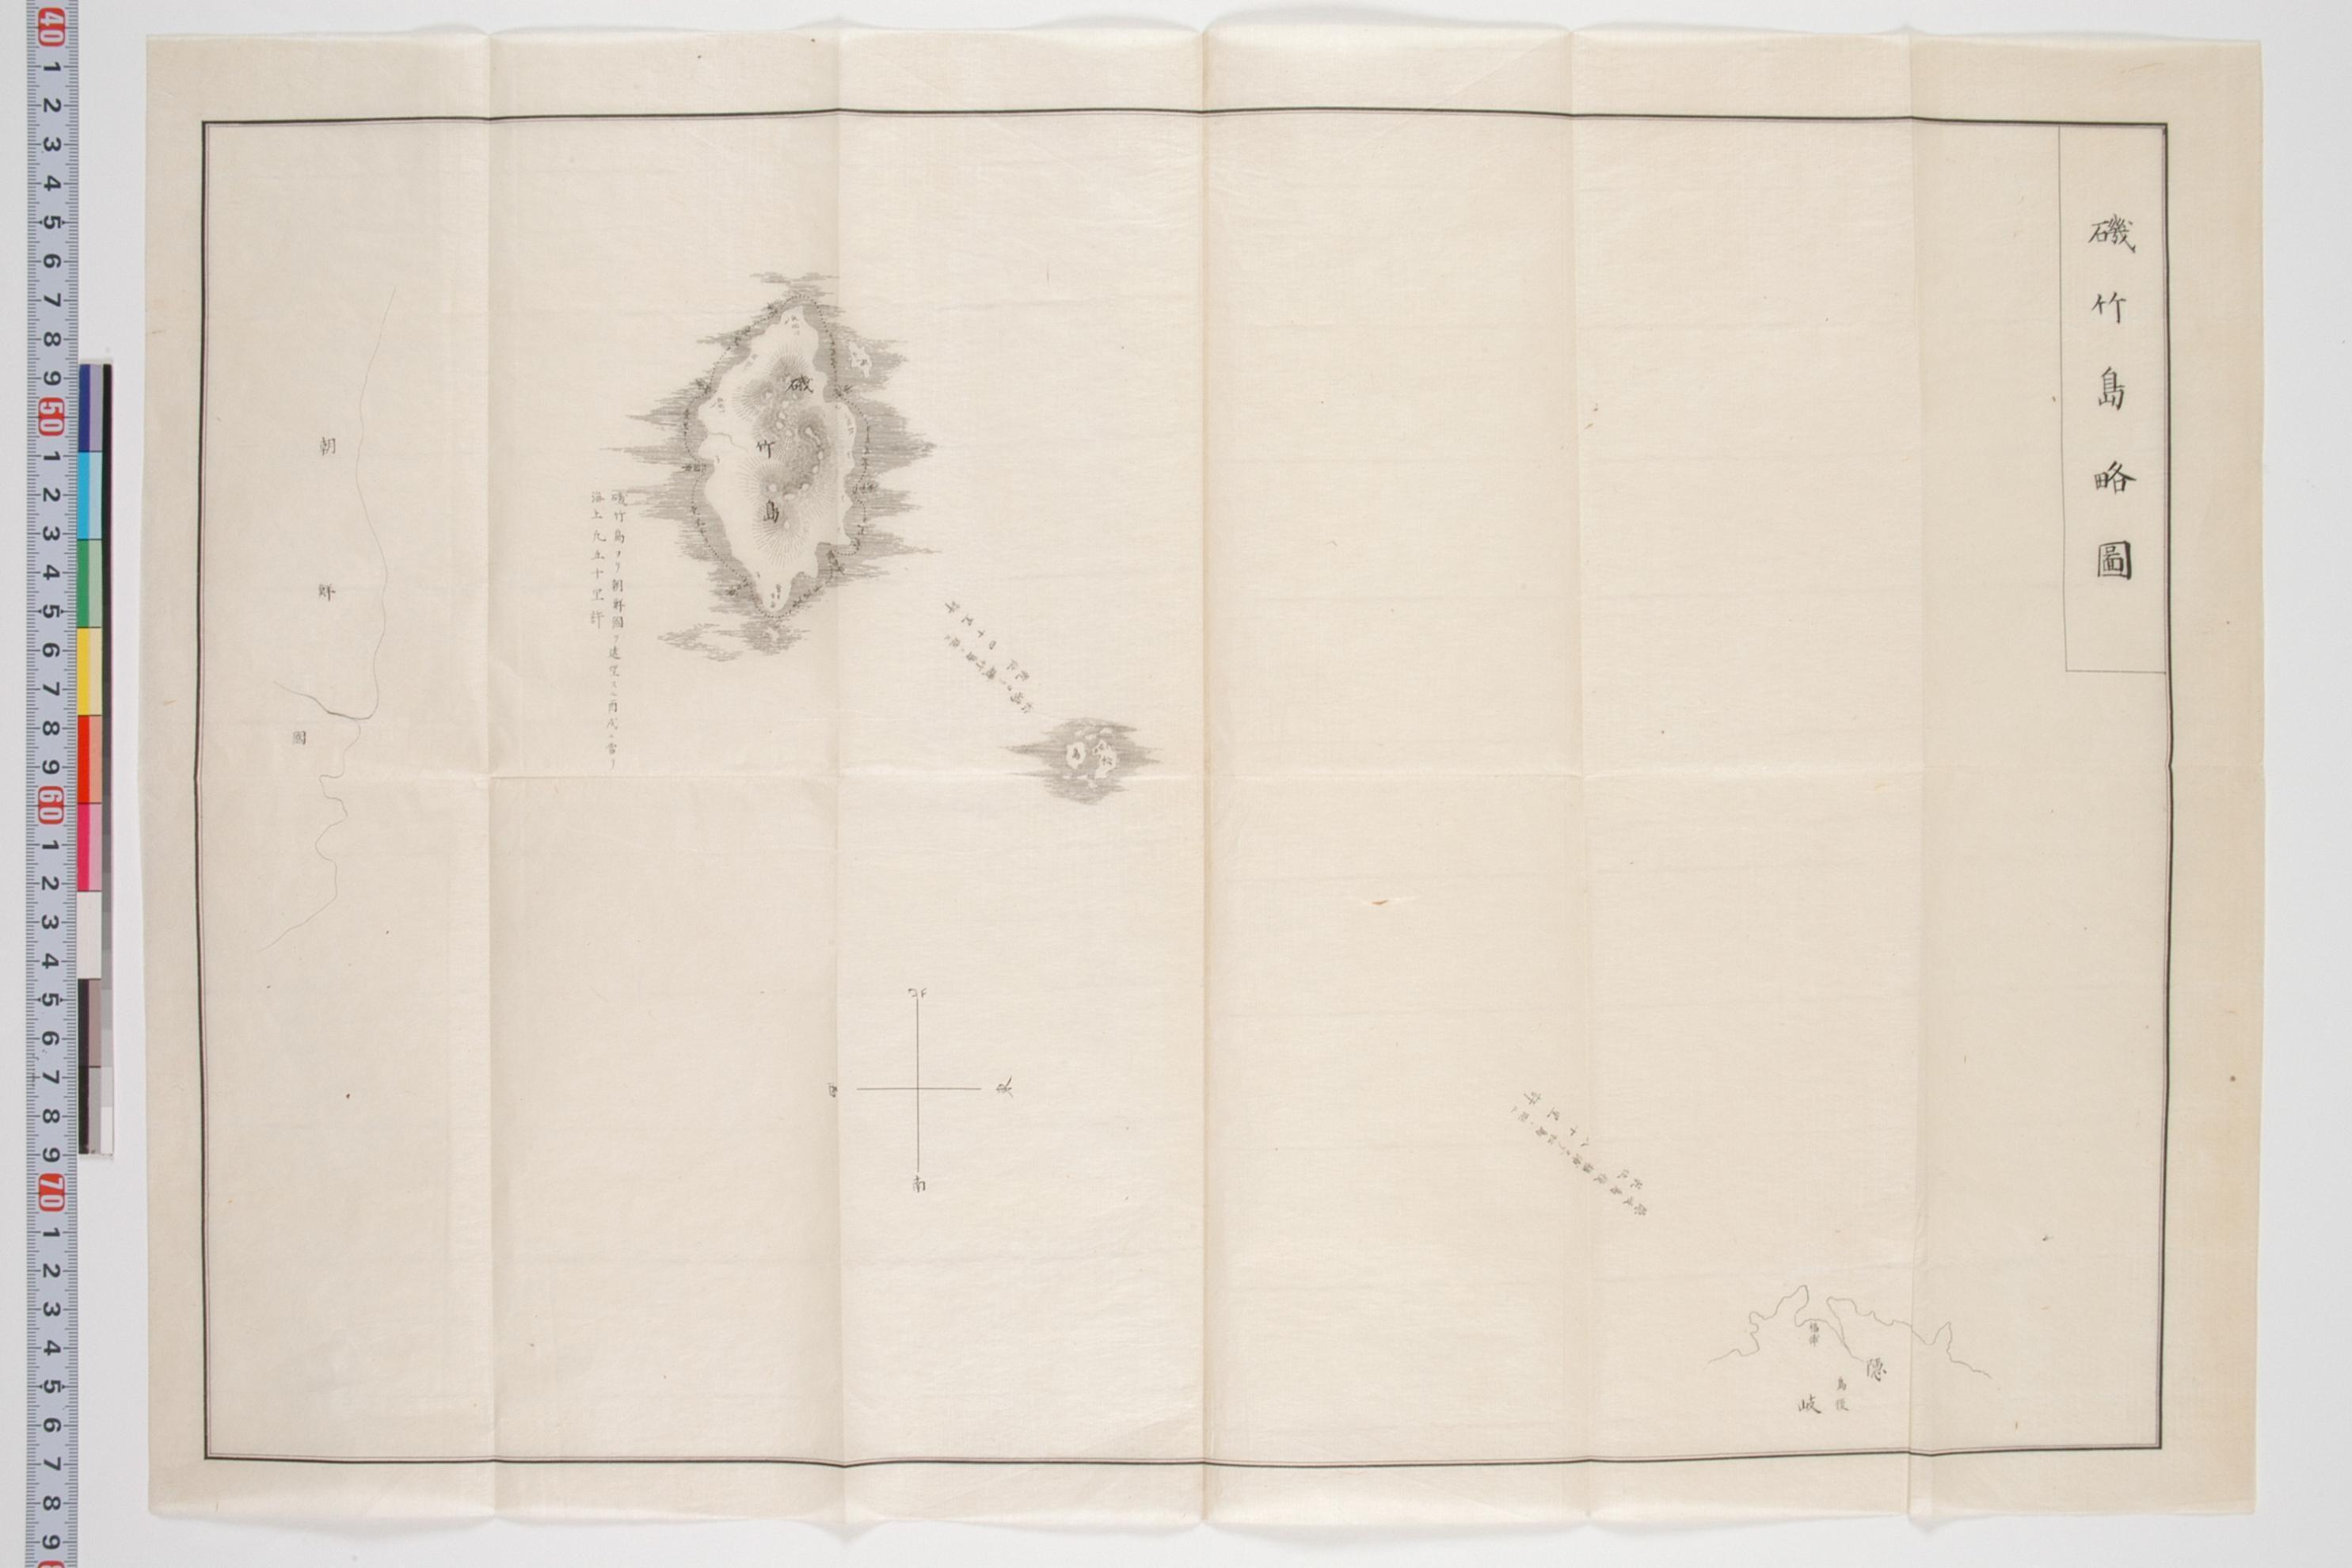 磯竹島略図